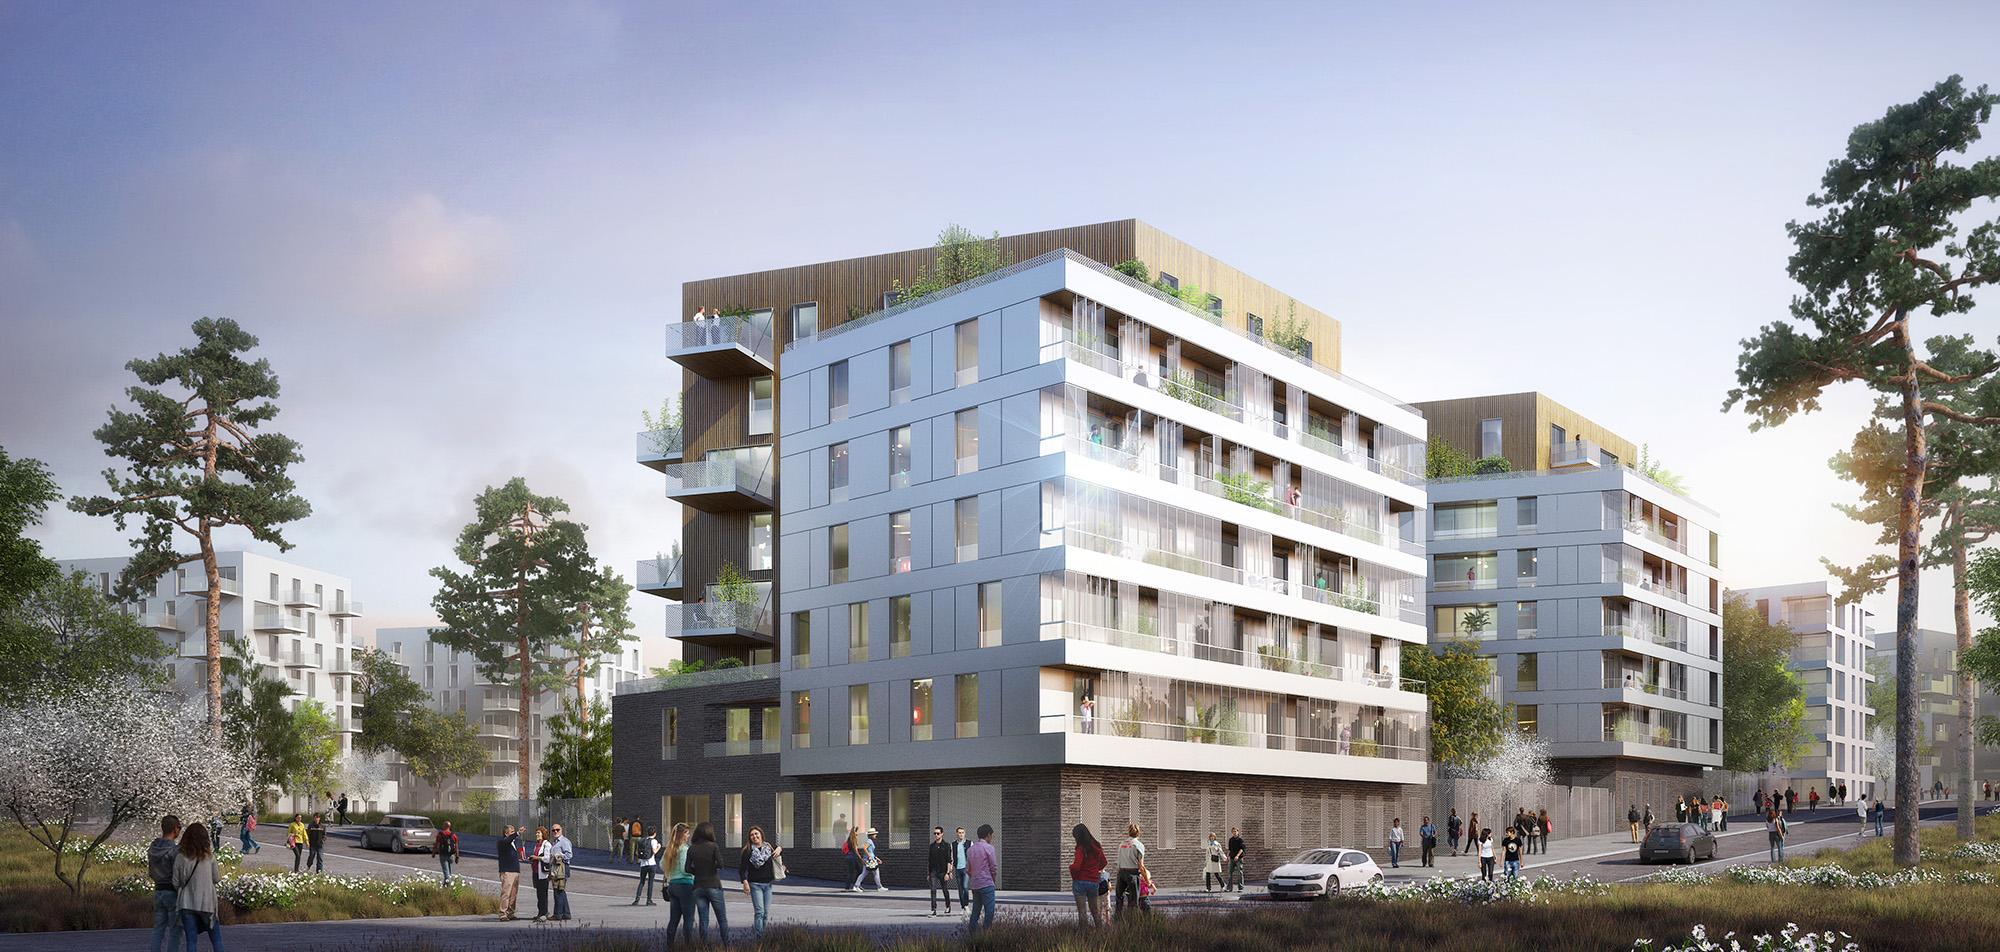 73 logements zac paul bourget paris 13e jean fran ois schmit for Bourget paris